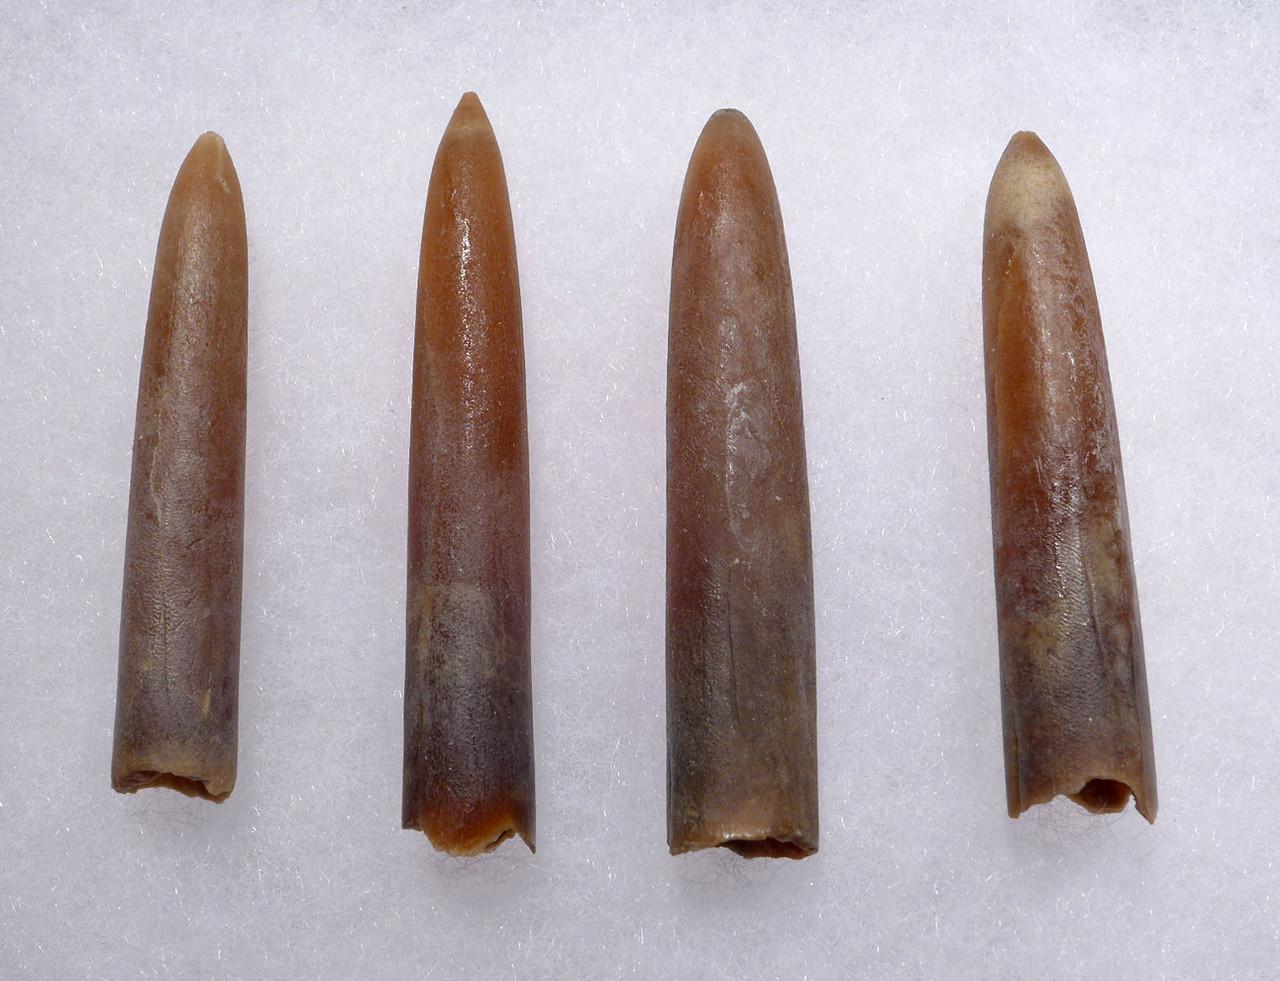 FOUR DINOSAUR ERA BELEMNITE FOSSILS OF GONIOTEUTHIS OF SOLID TRANSLUCENT CALCITE *BEL110